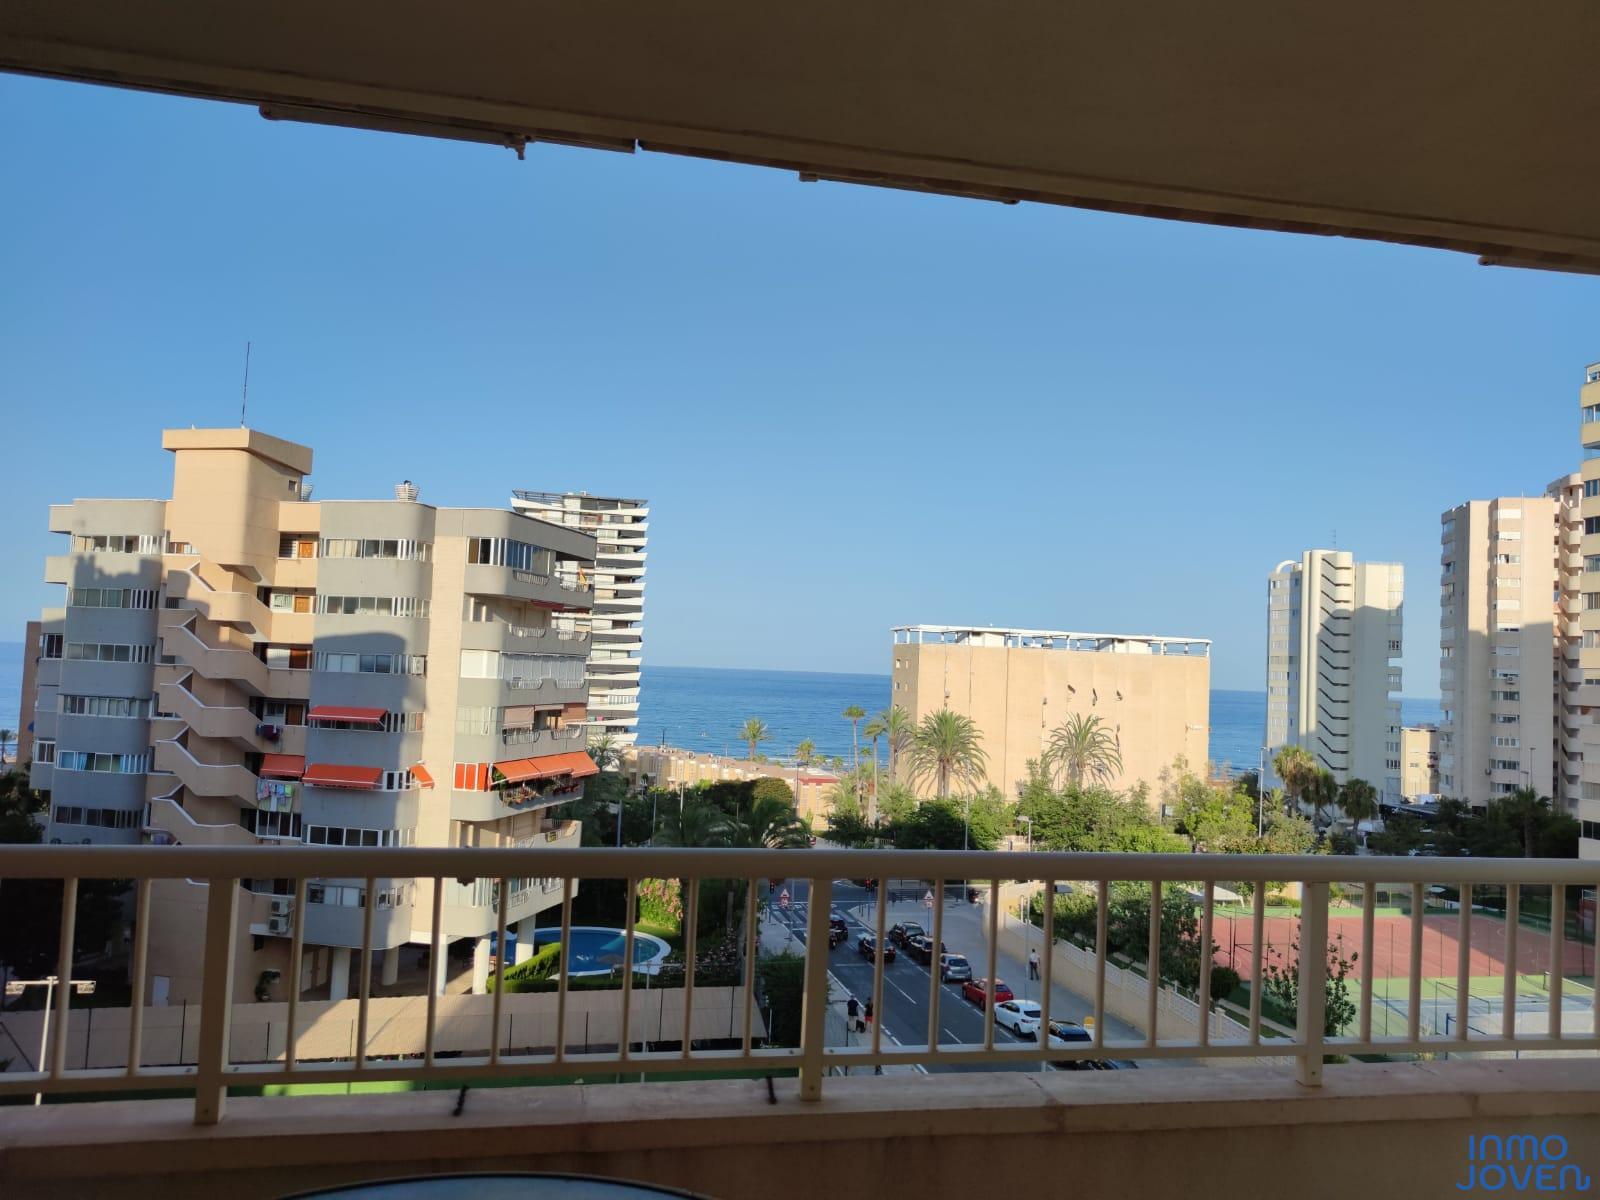 1123  Apartamento en Playa de San Juan